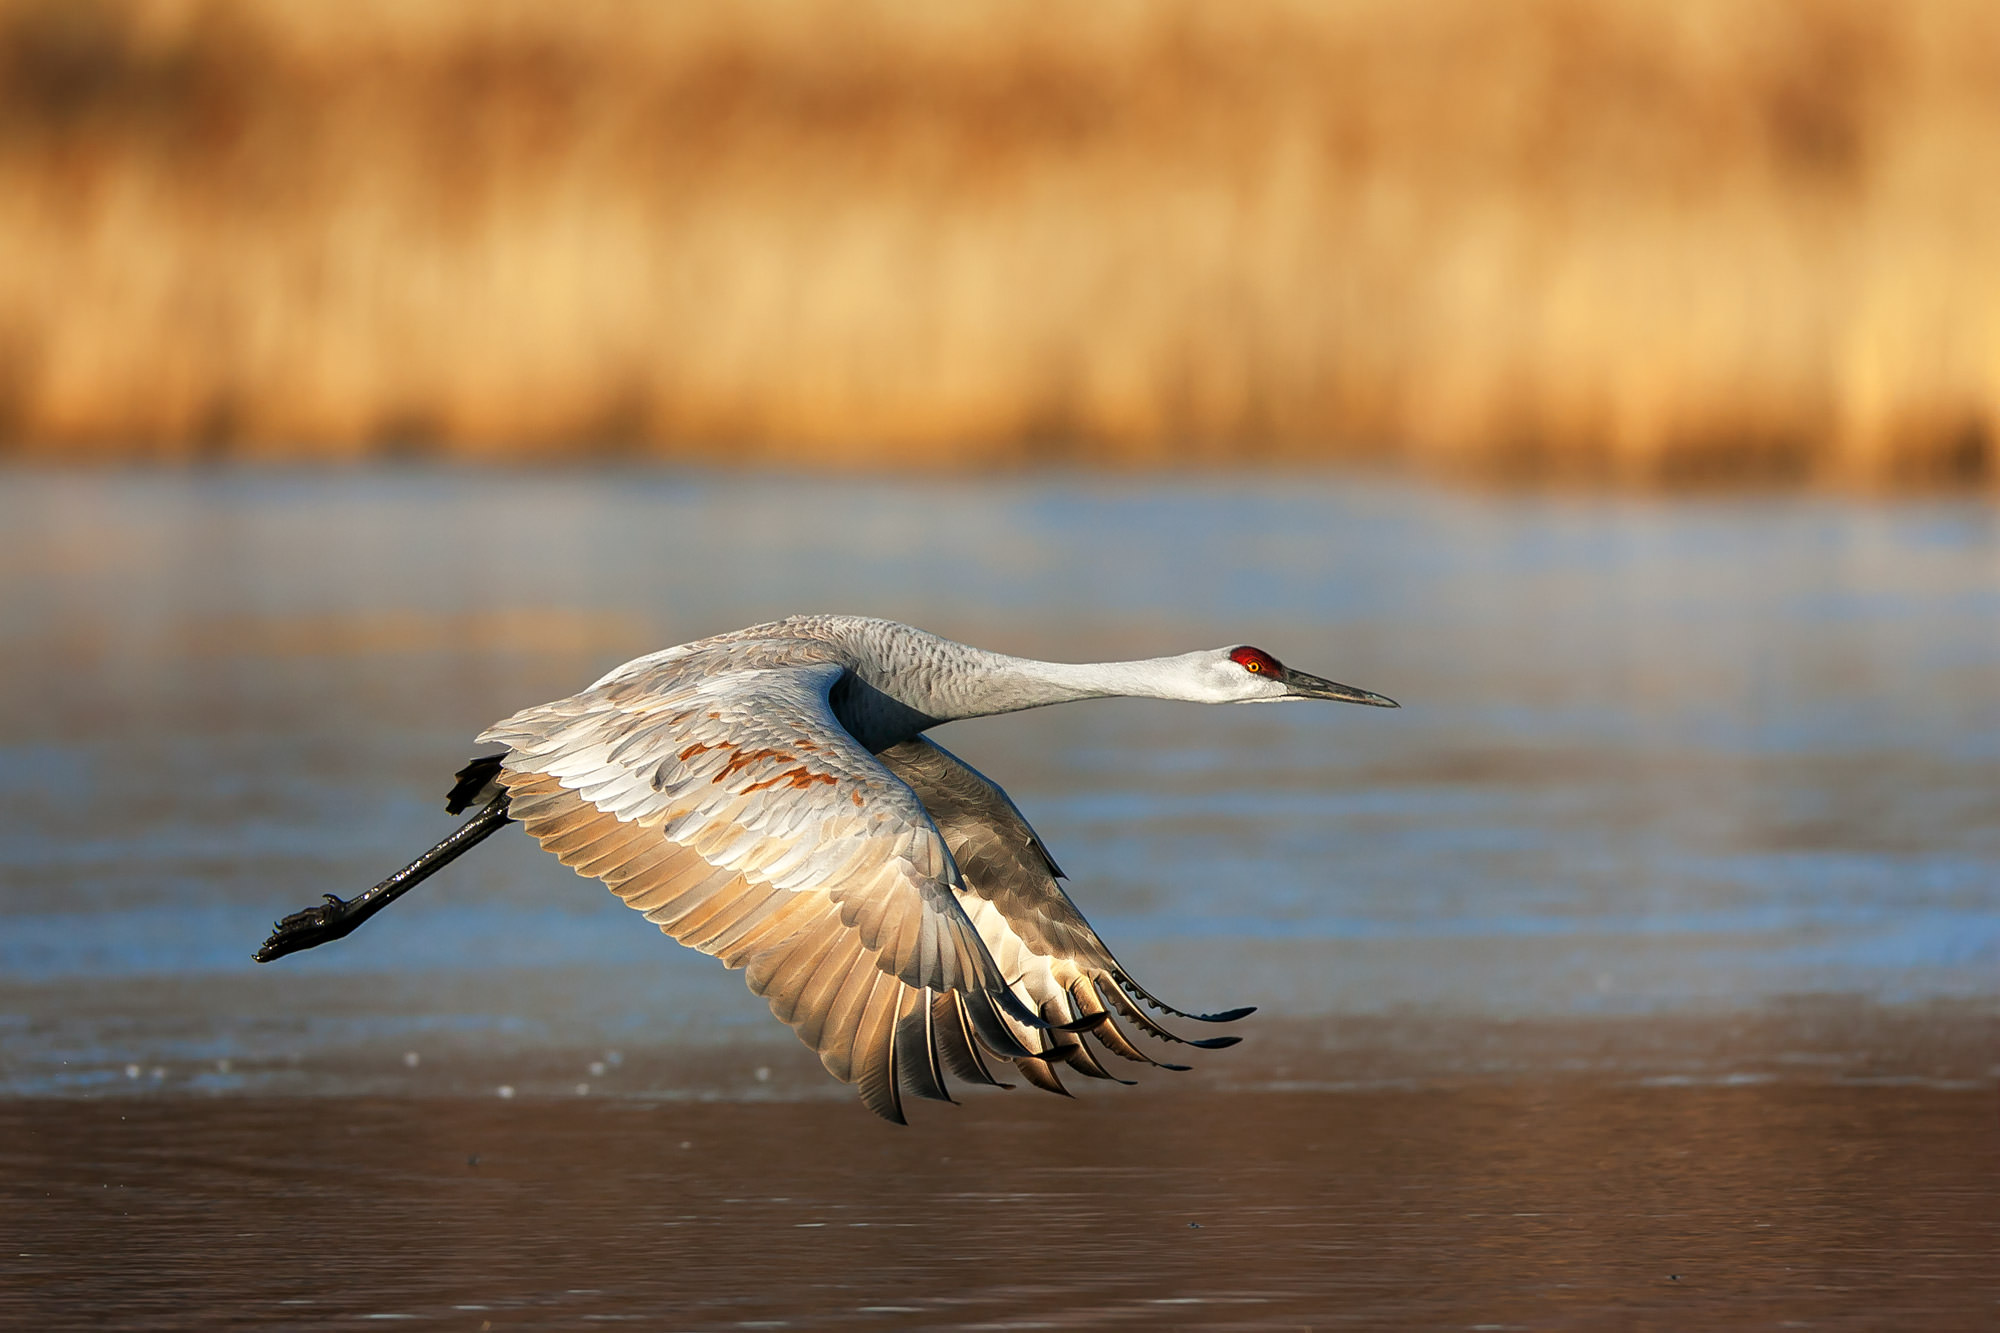 Sandhill Crane, New Mexico, Bosque del Apache, flight, takeoff, limited edition, photograph, fine art, wildlife, photo